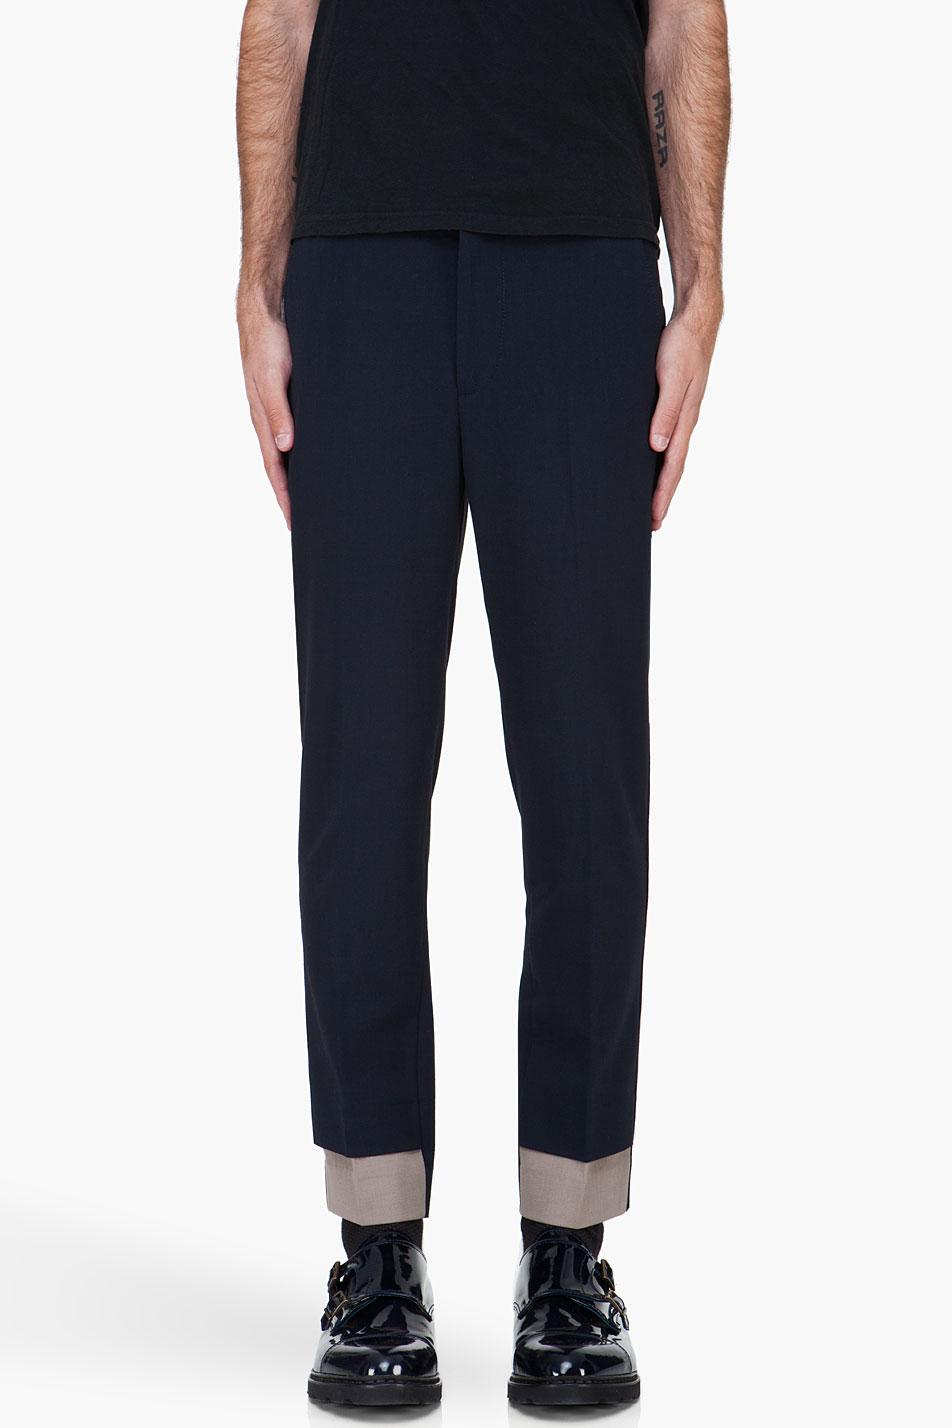 3.1 Phillip Lim Navy Gabardine Saddle Pants in Blue for Men (navy)   Lyst